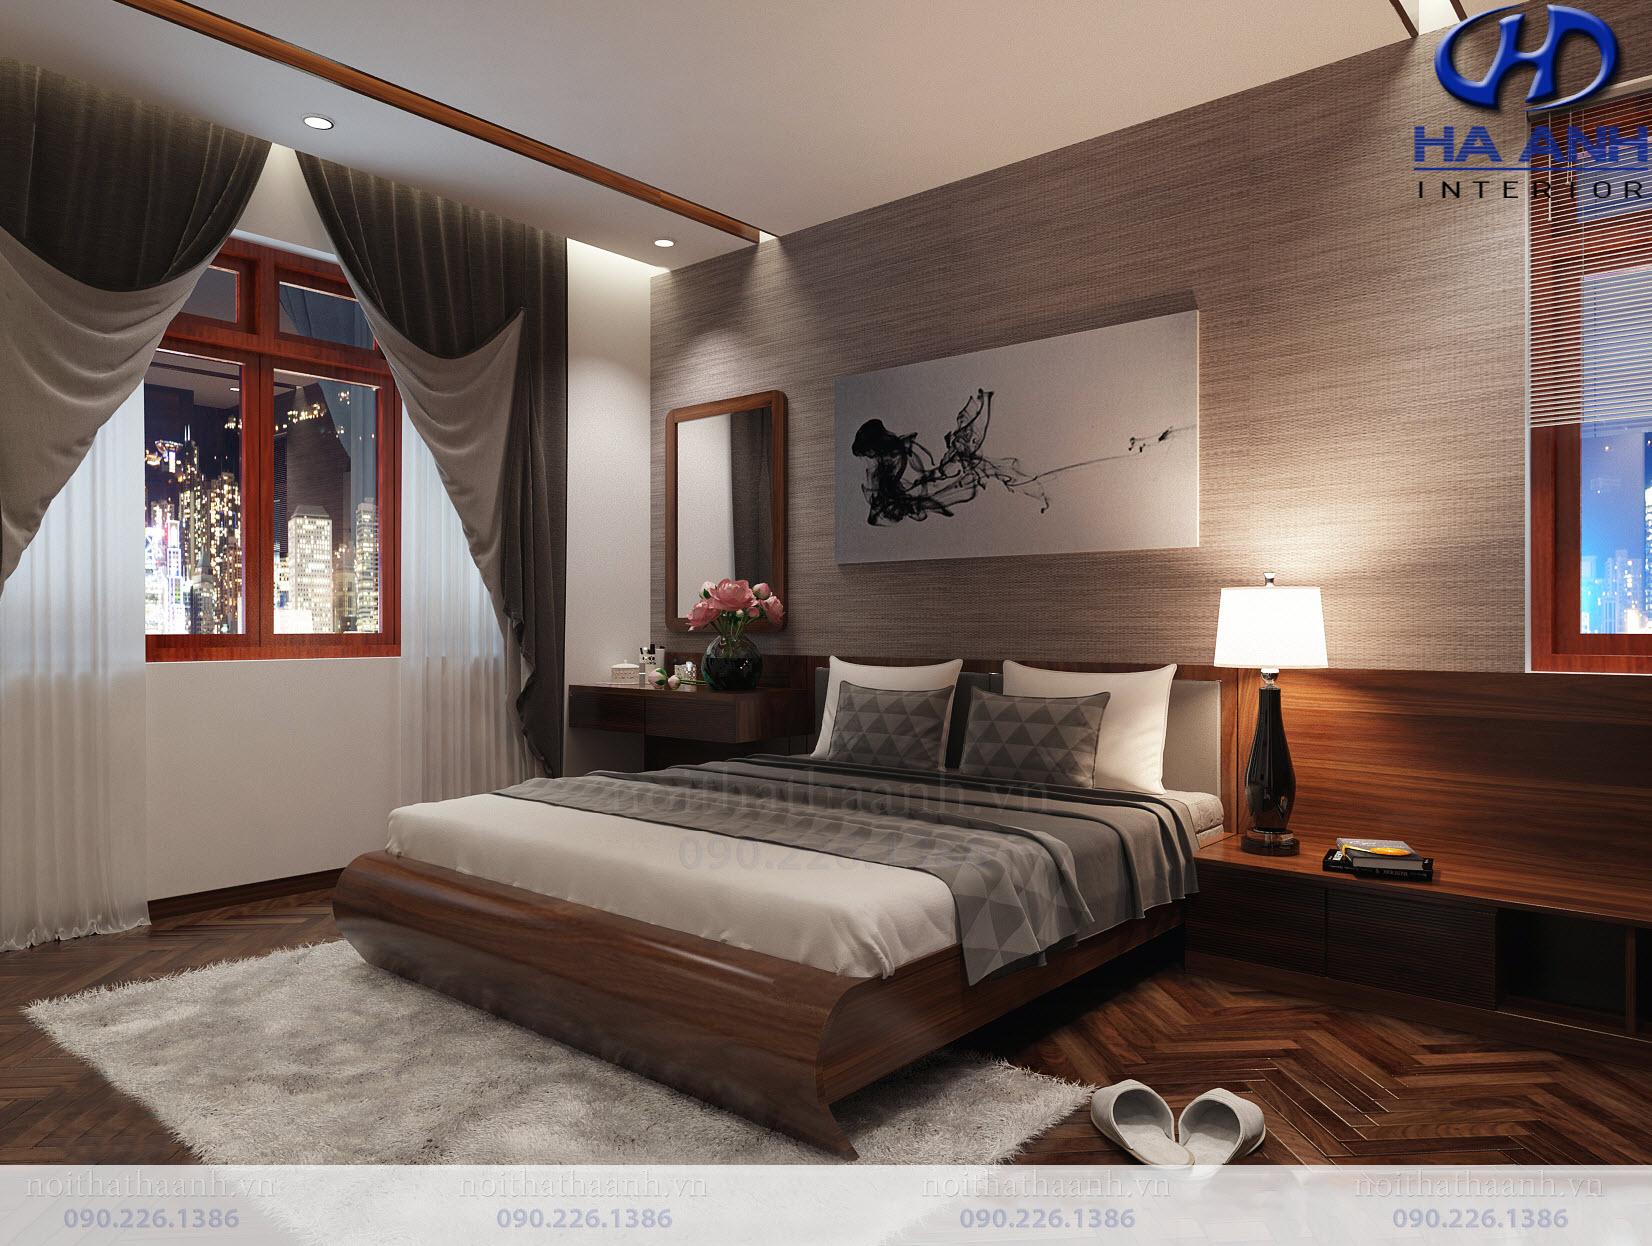 Thiết kế và thi công nội thất gia đình chị Vân TP Sơn La-12